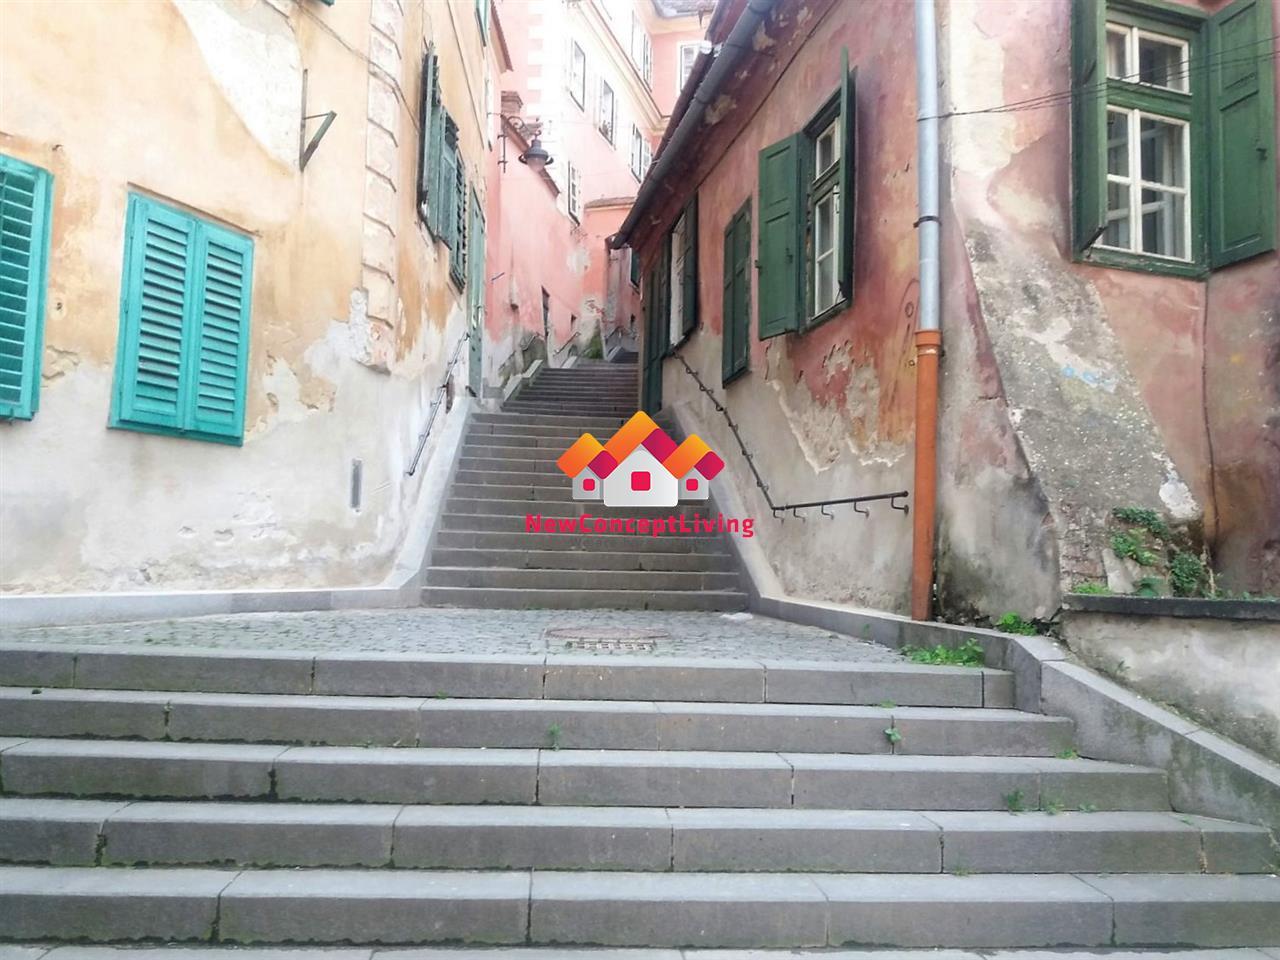 Casa de vanzare in Sibiu- zona ultracentrala